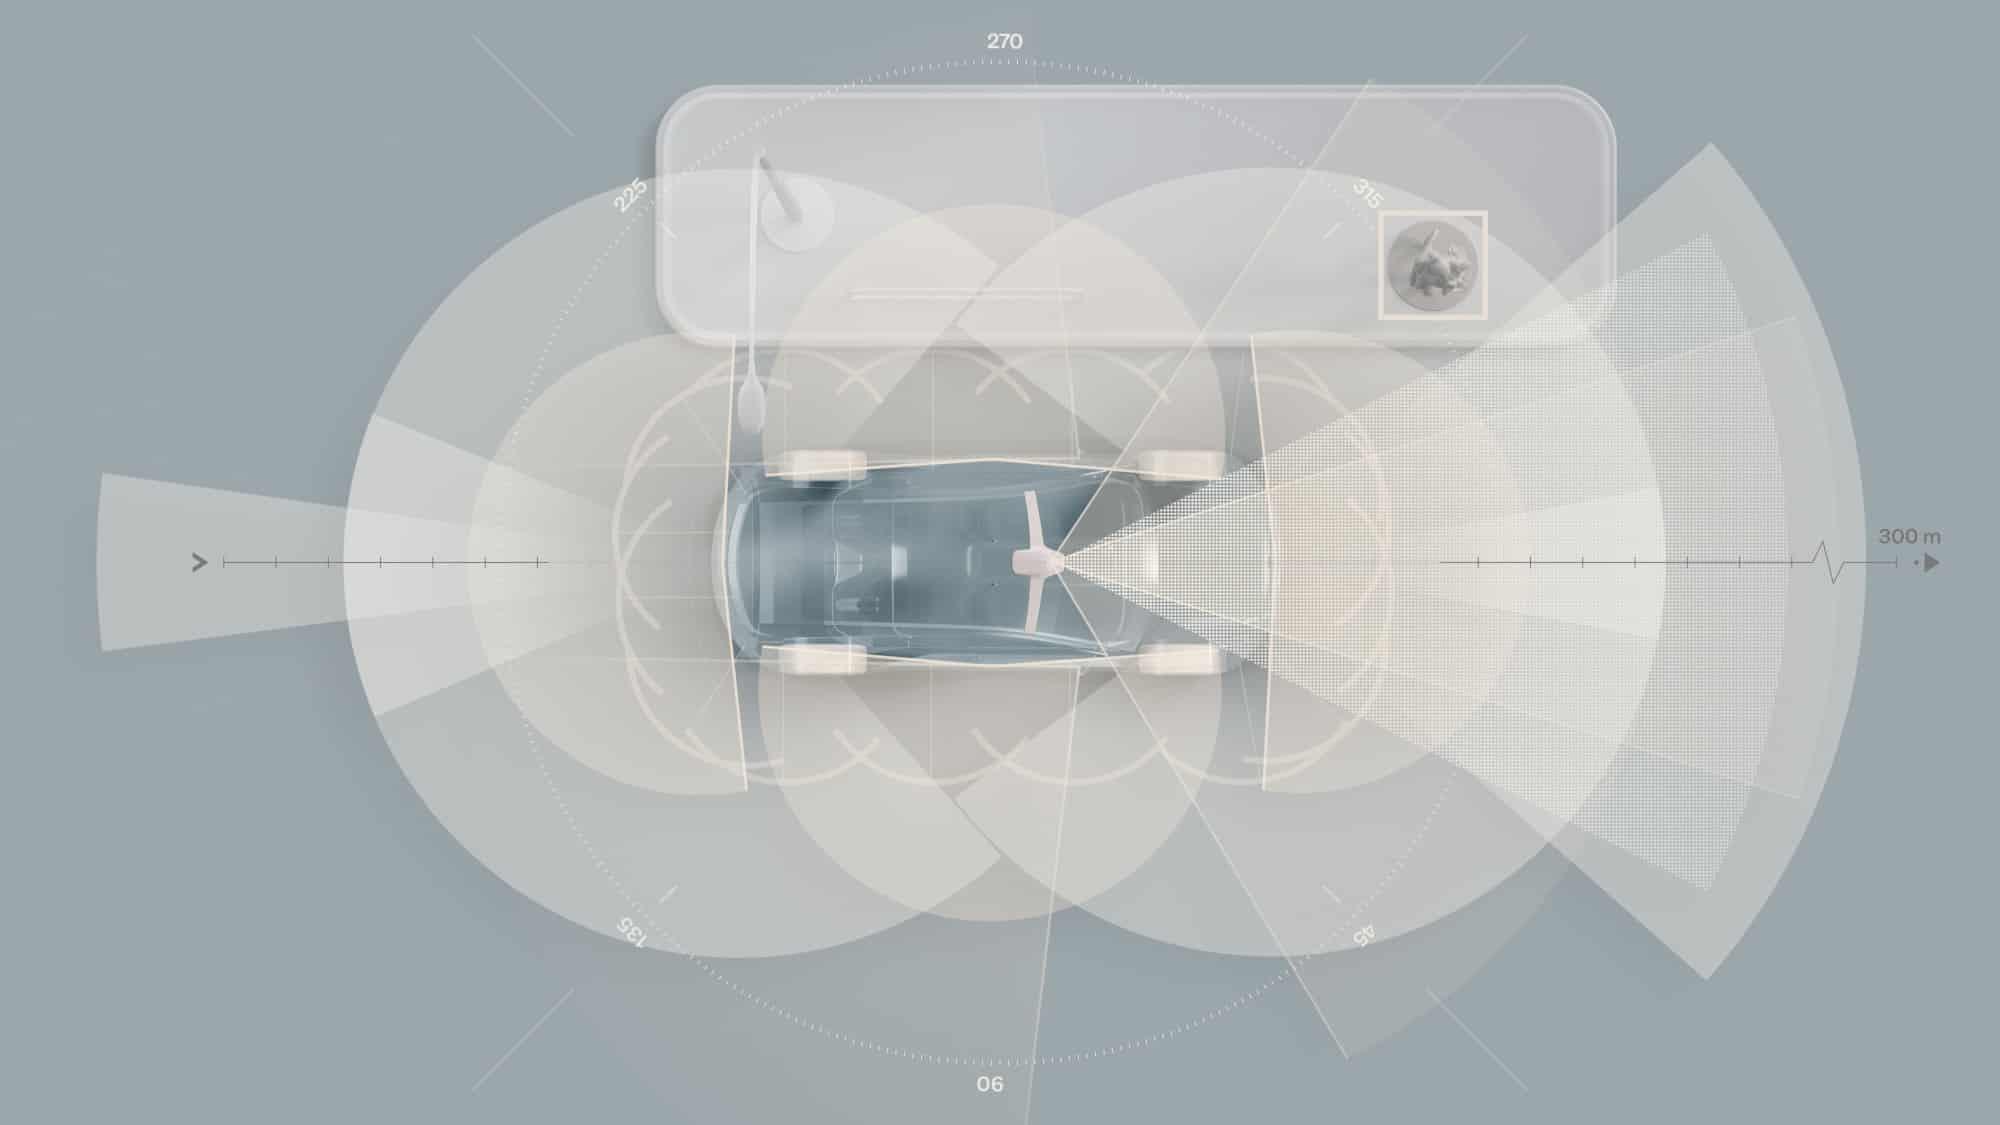 Volvo aplica Inteligencia Artificial en seguridad